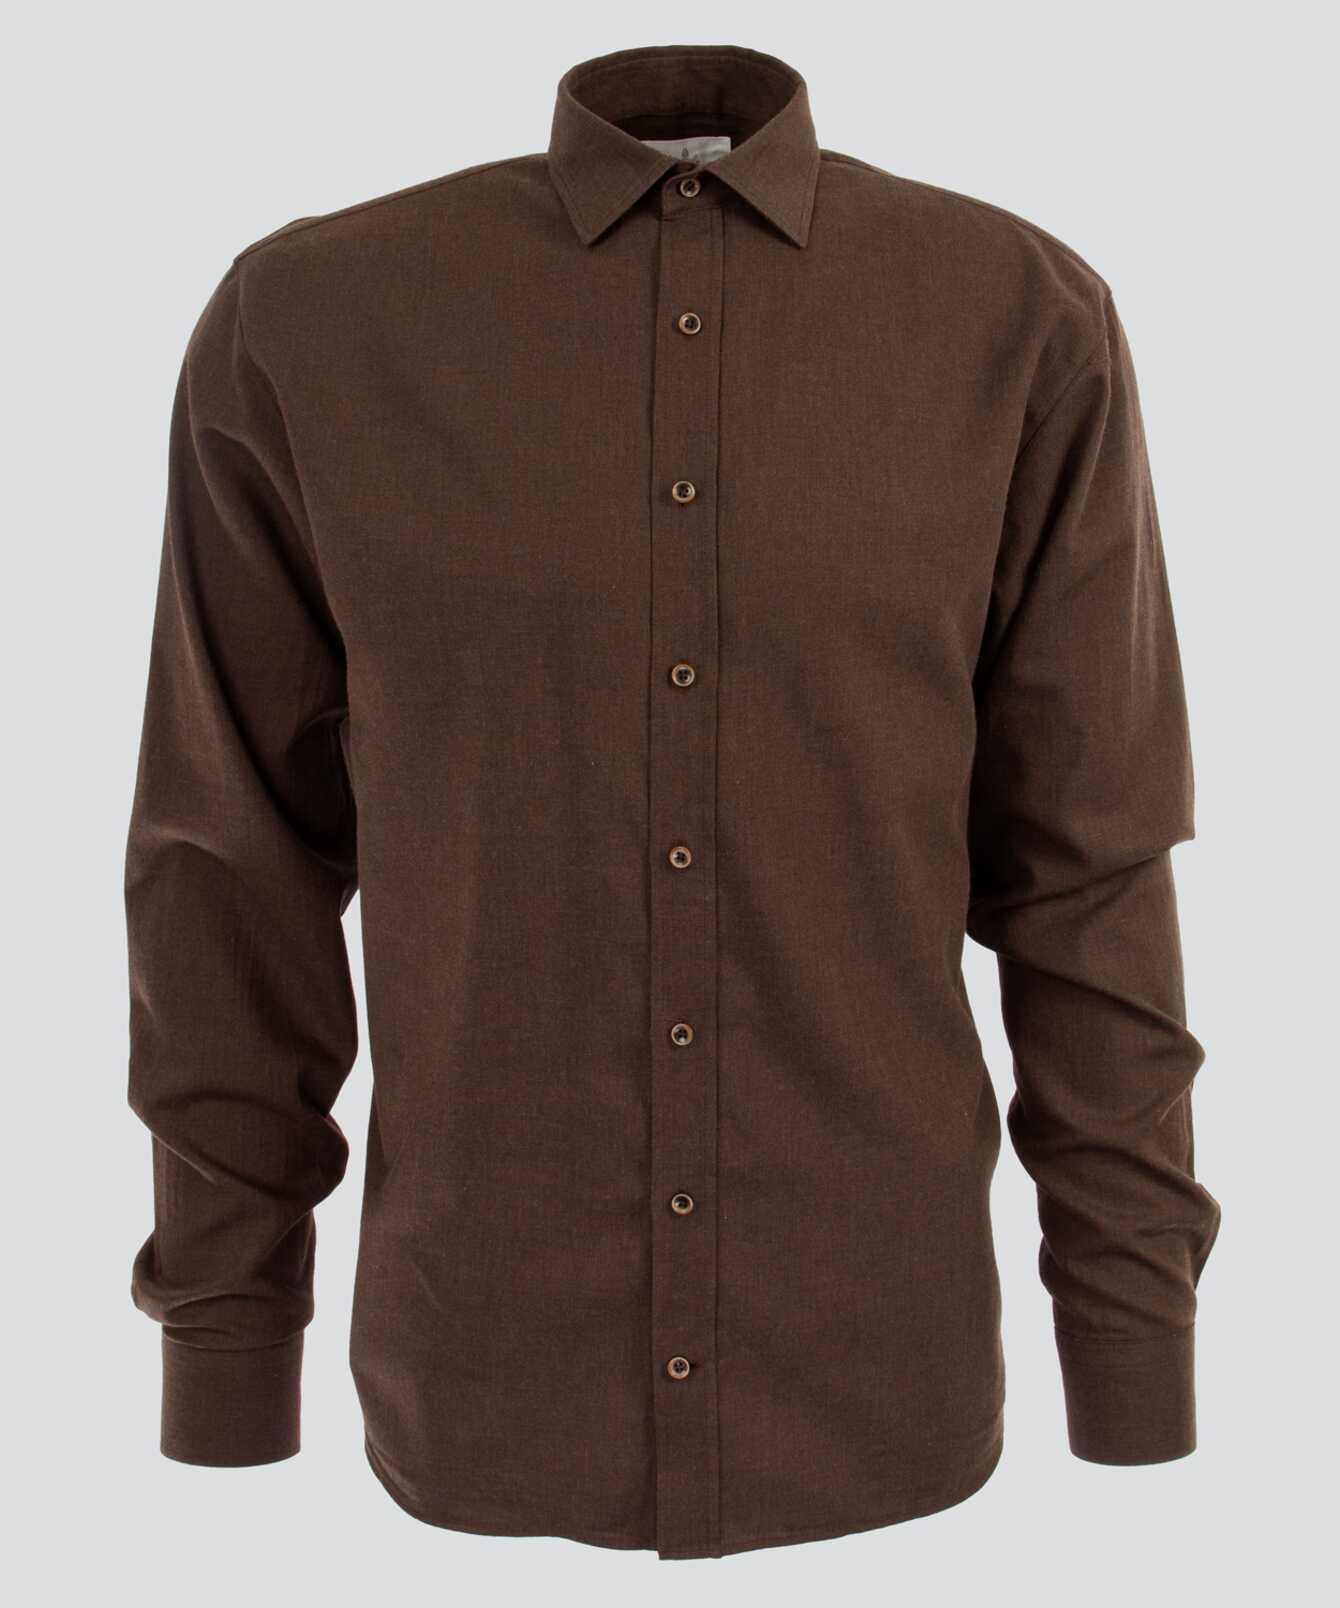 Shirt Costello Mörkbrun The Shirt Factory